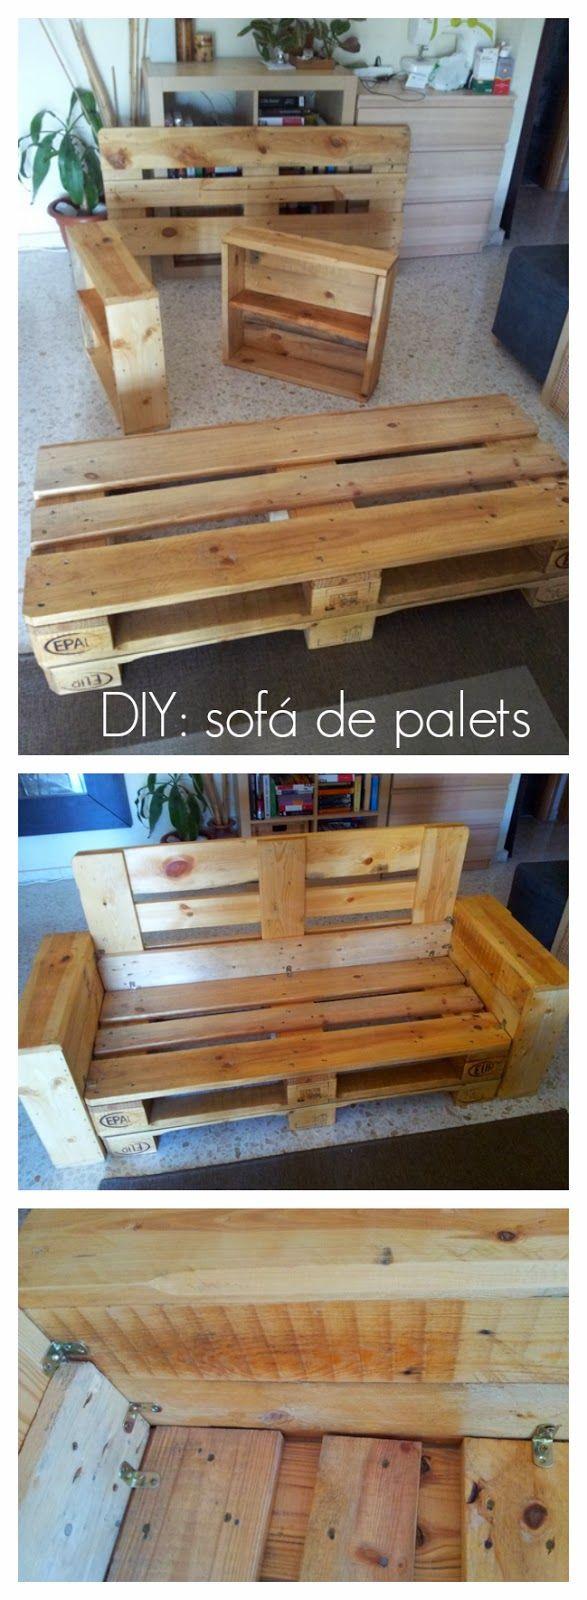 Sillon homemade como hacer un sofa sofas con palets y palets Como hacer un sofa con palets